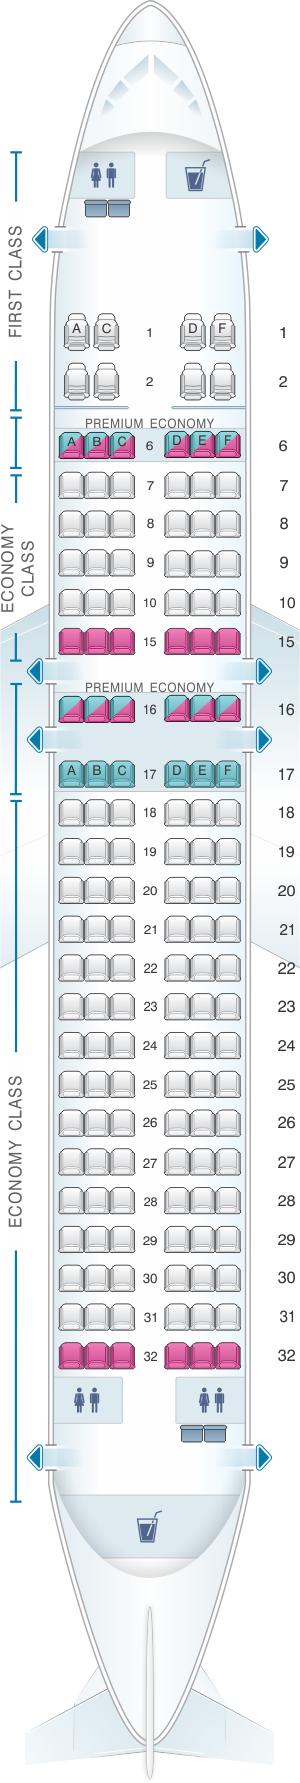 Seat Map Alaska Airlines Horizon Air